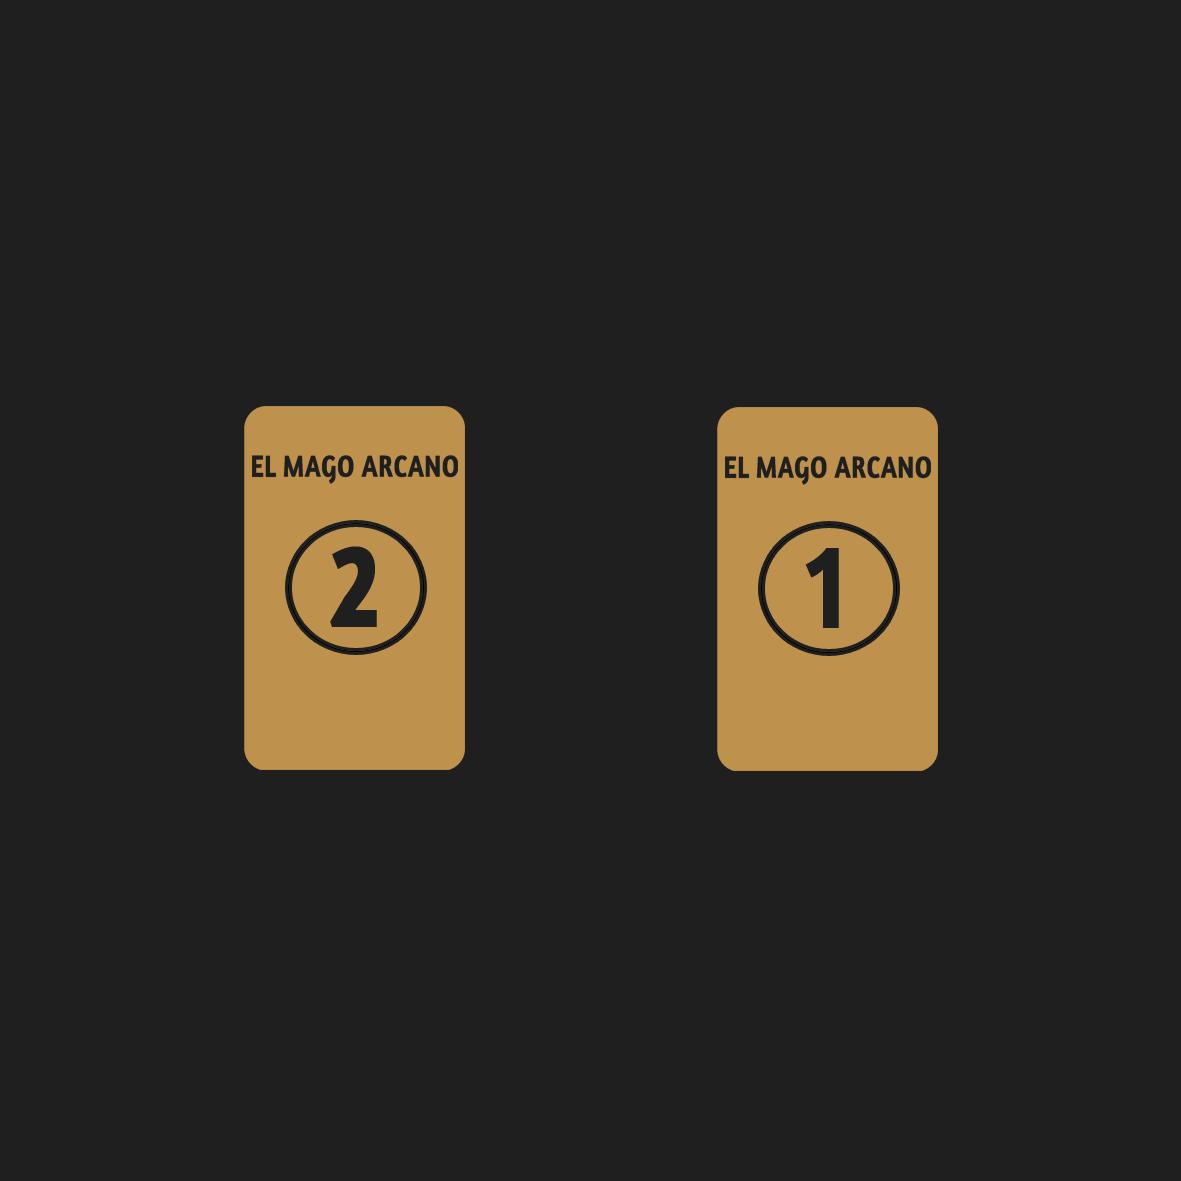 Tirada de dos cartas